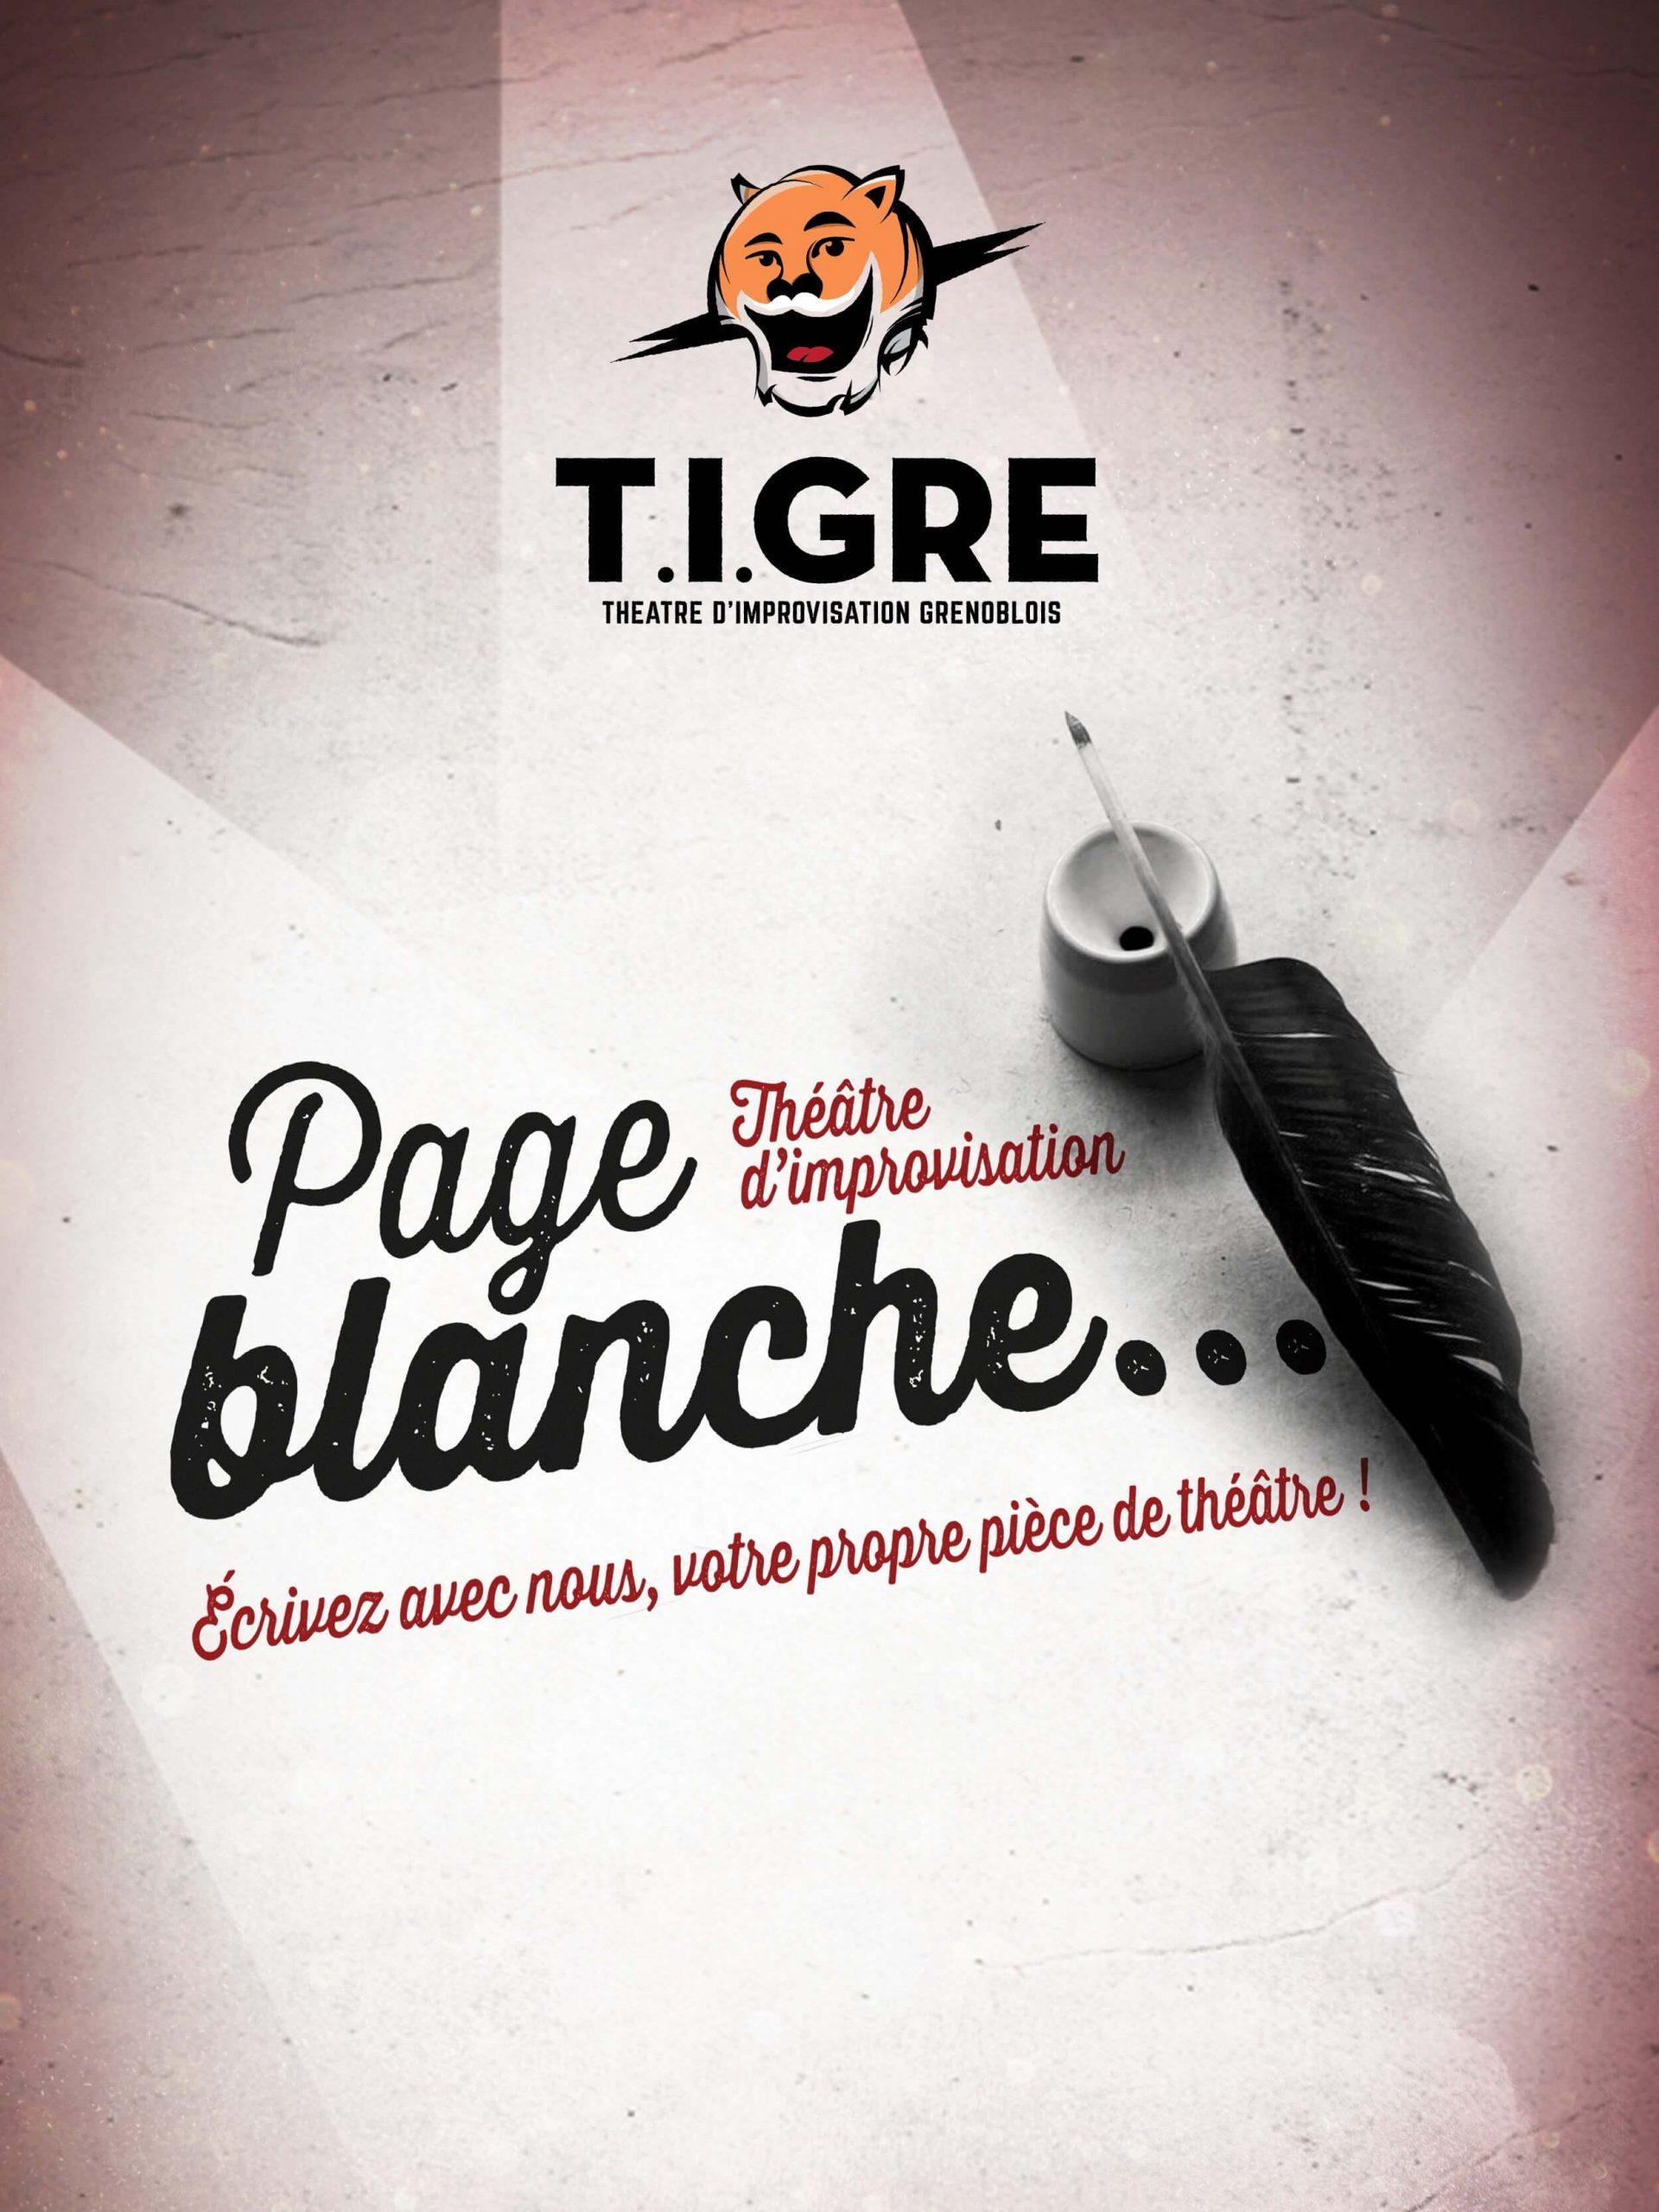 Page Blanche - Théâtre d'improvisation Cie Le Tigre